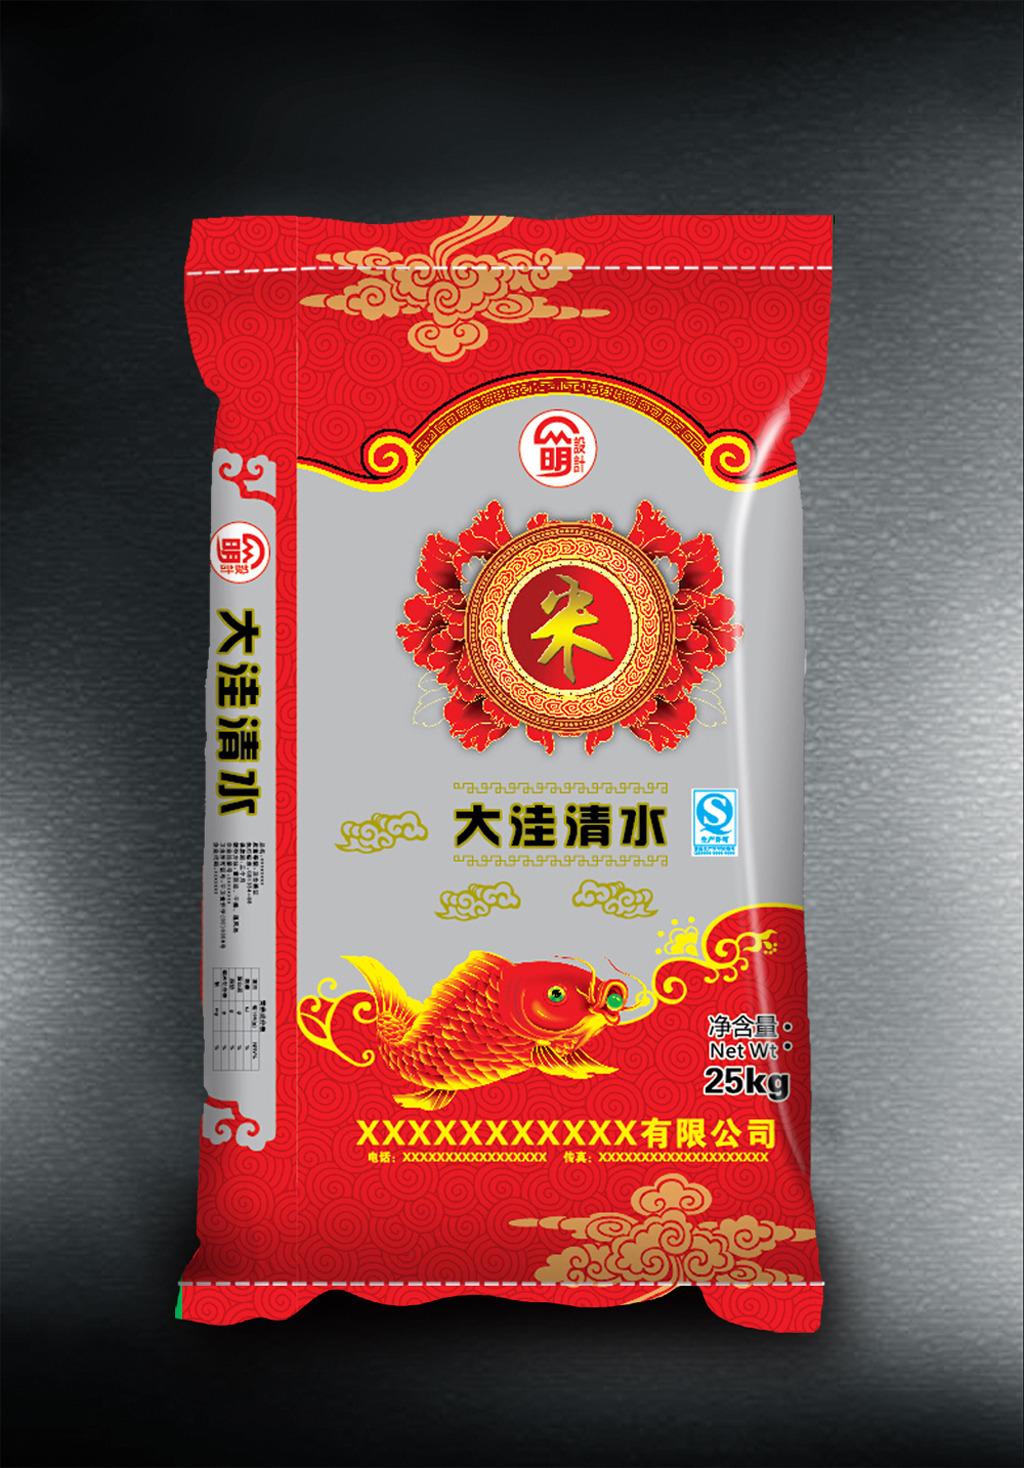 红色大米包装图片下载 大米包装设计大米包装 大米展开图 大米袋子